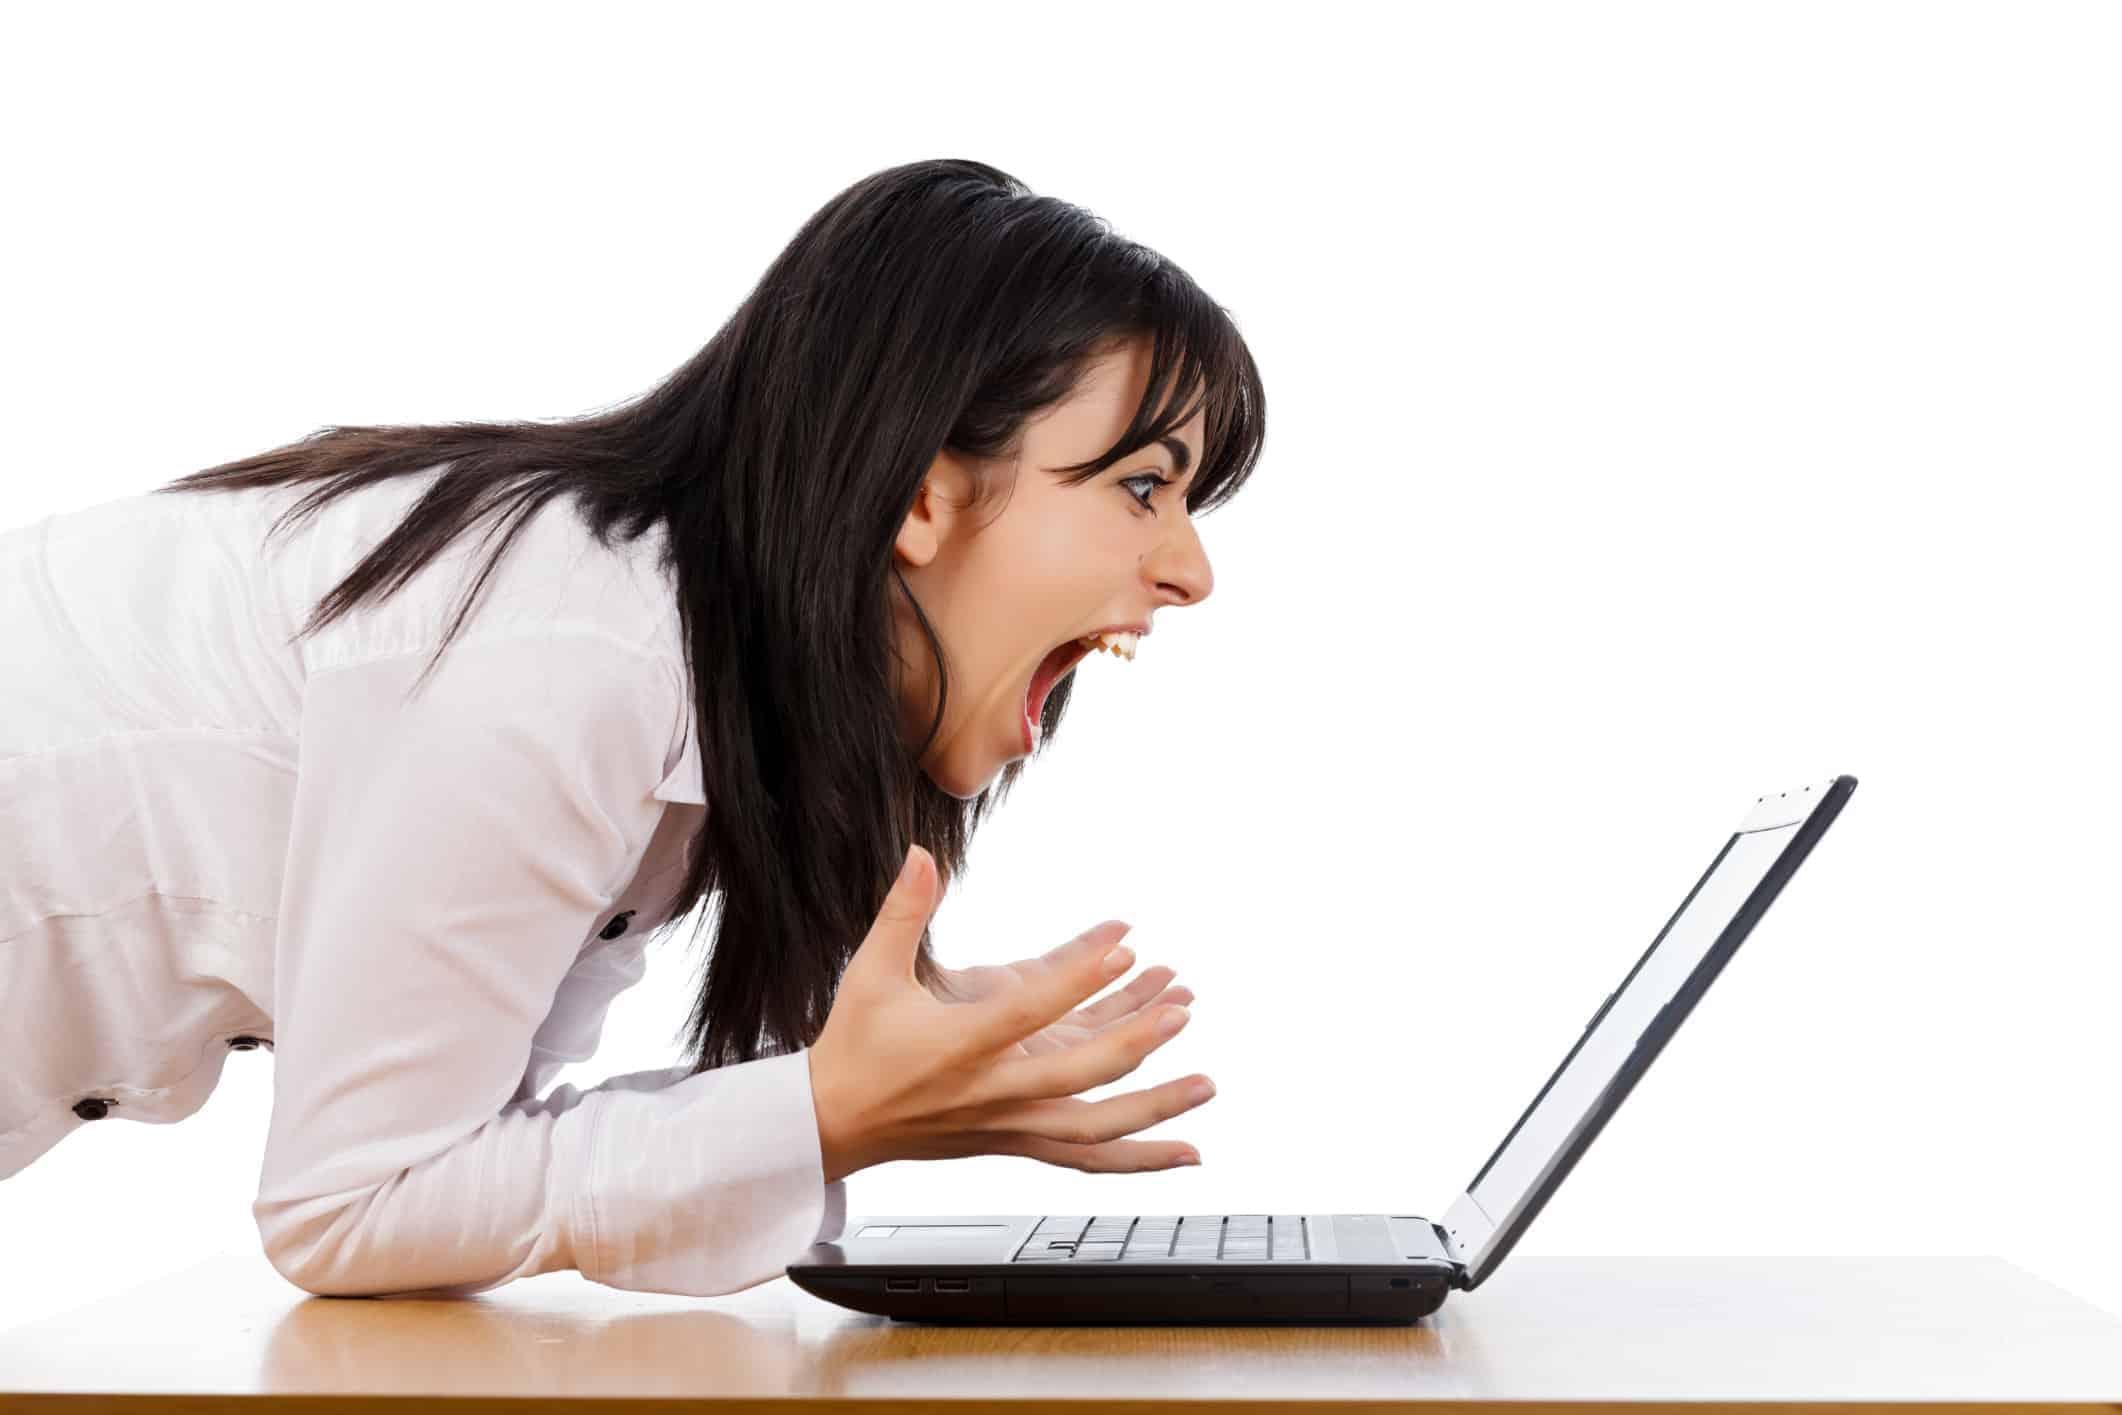 Woman screaming at slow computer